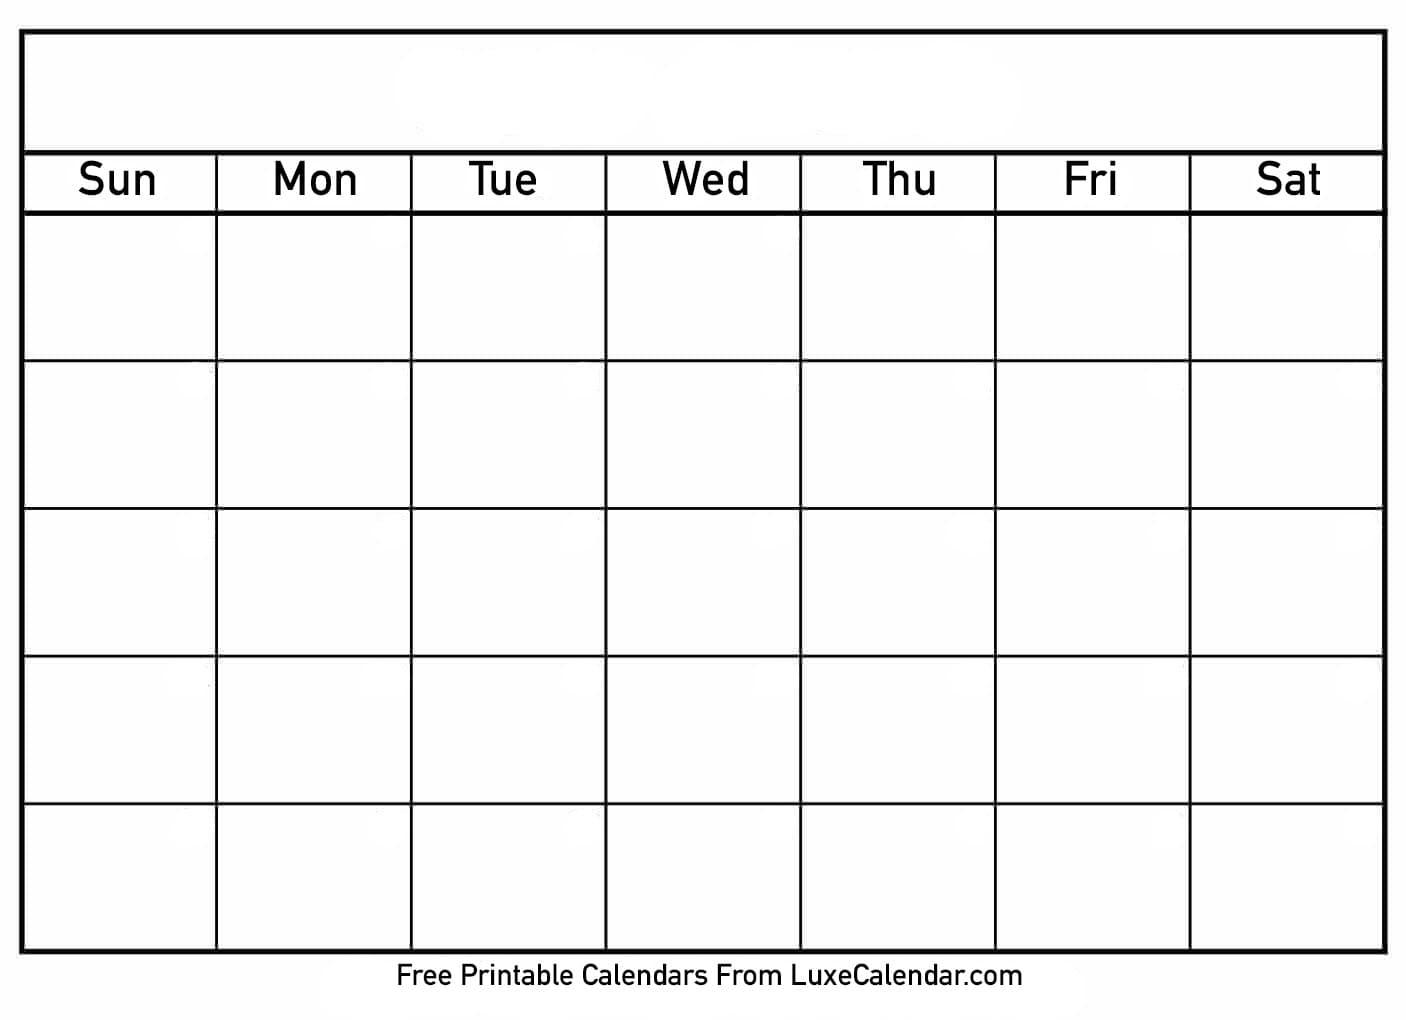 Blank Printable Calendar - Luxe Calendar regarding Blank Calendar Of Events Template